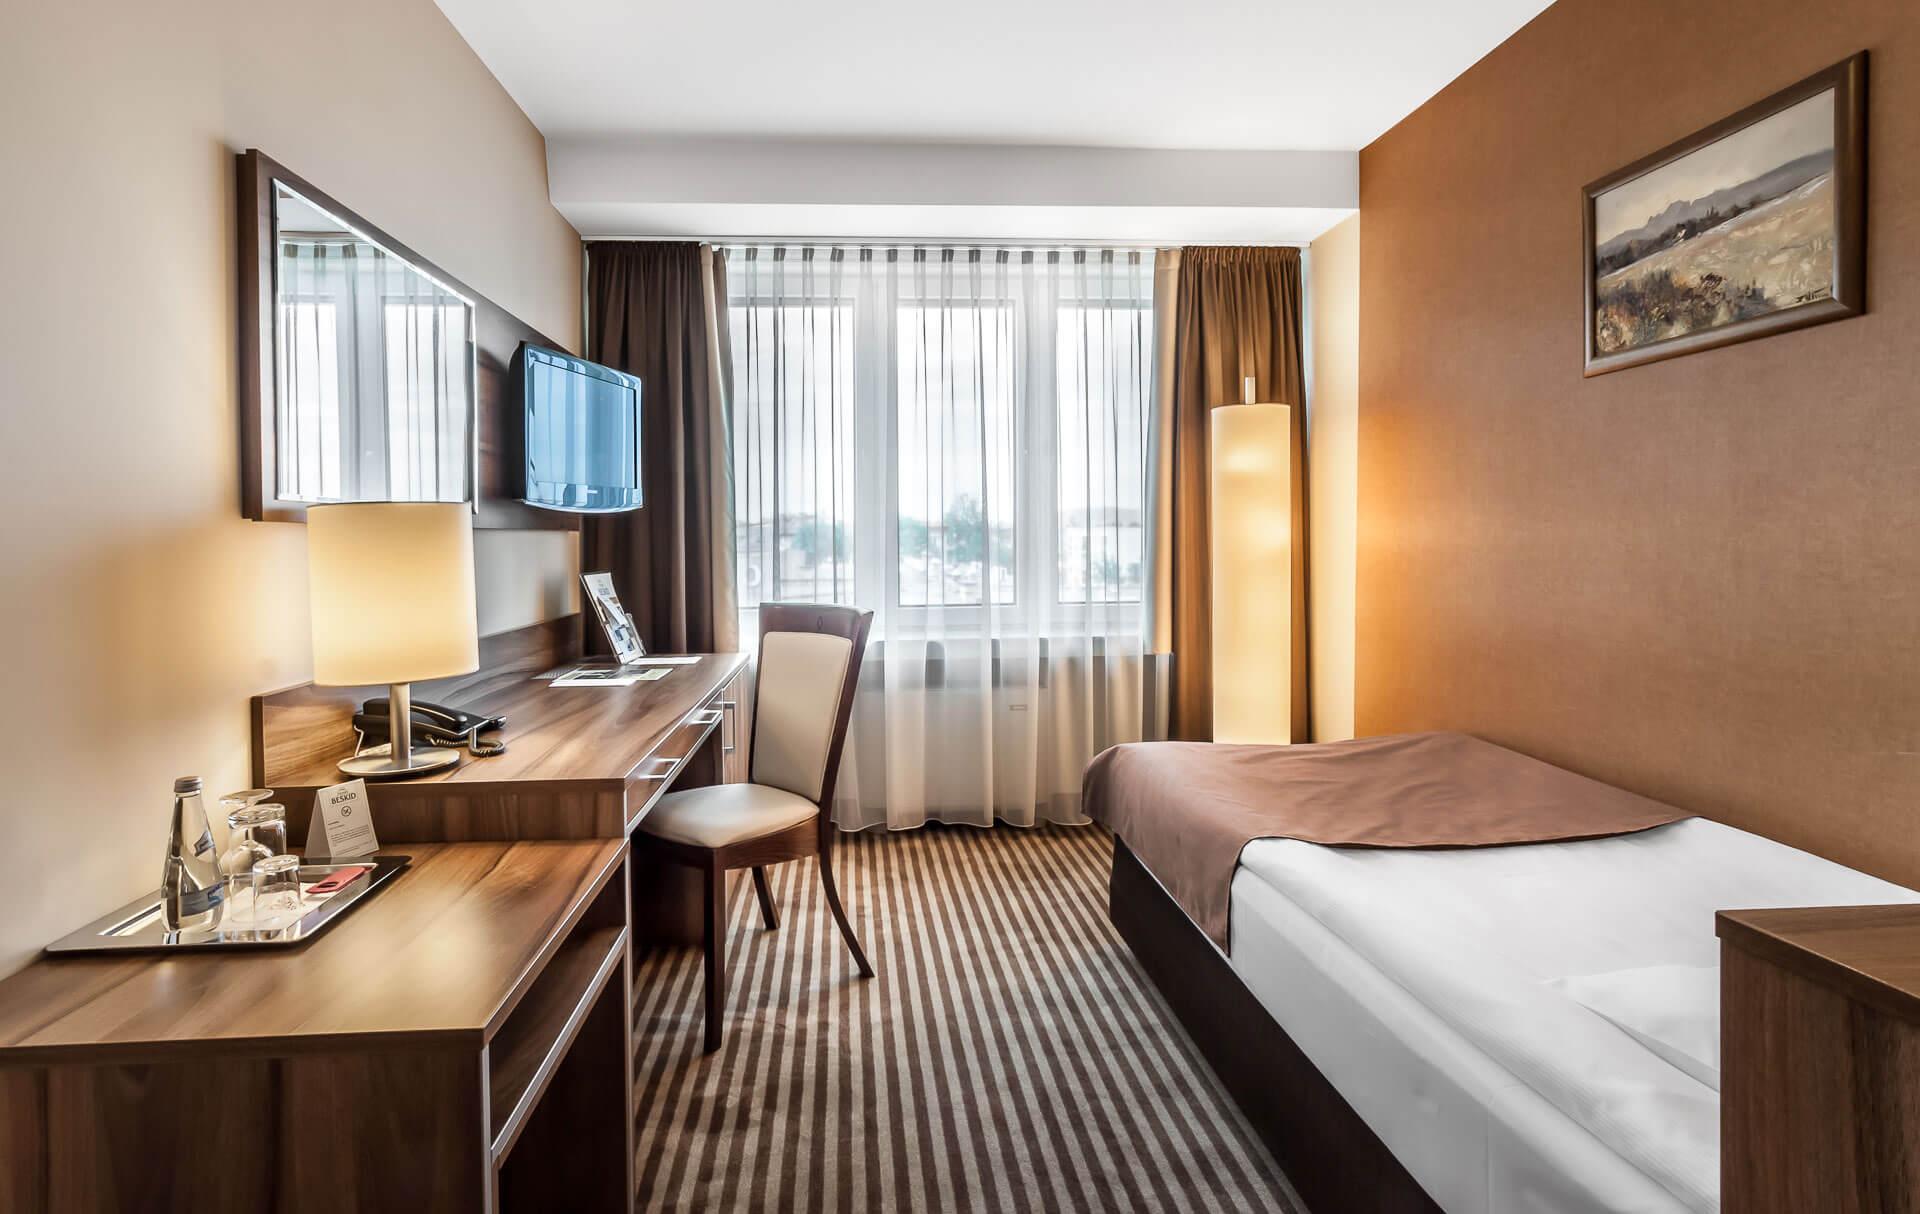 Zdjęcie - Pokój jednoosobowy - Hotel Beskid****